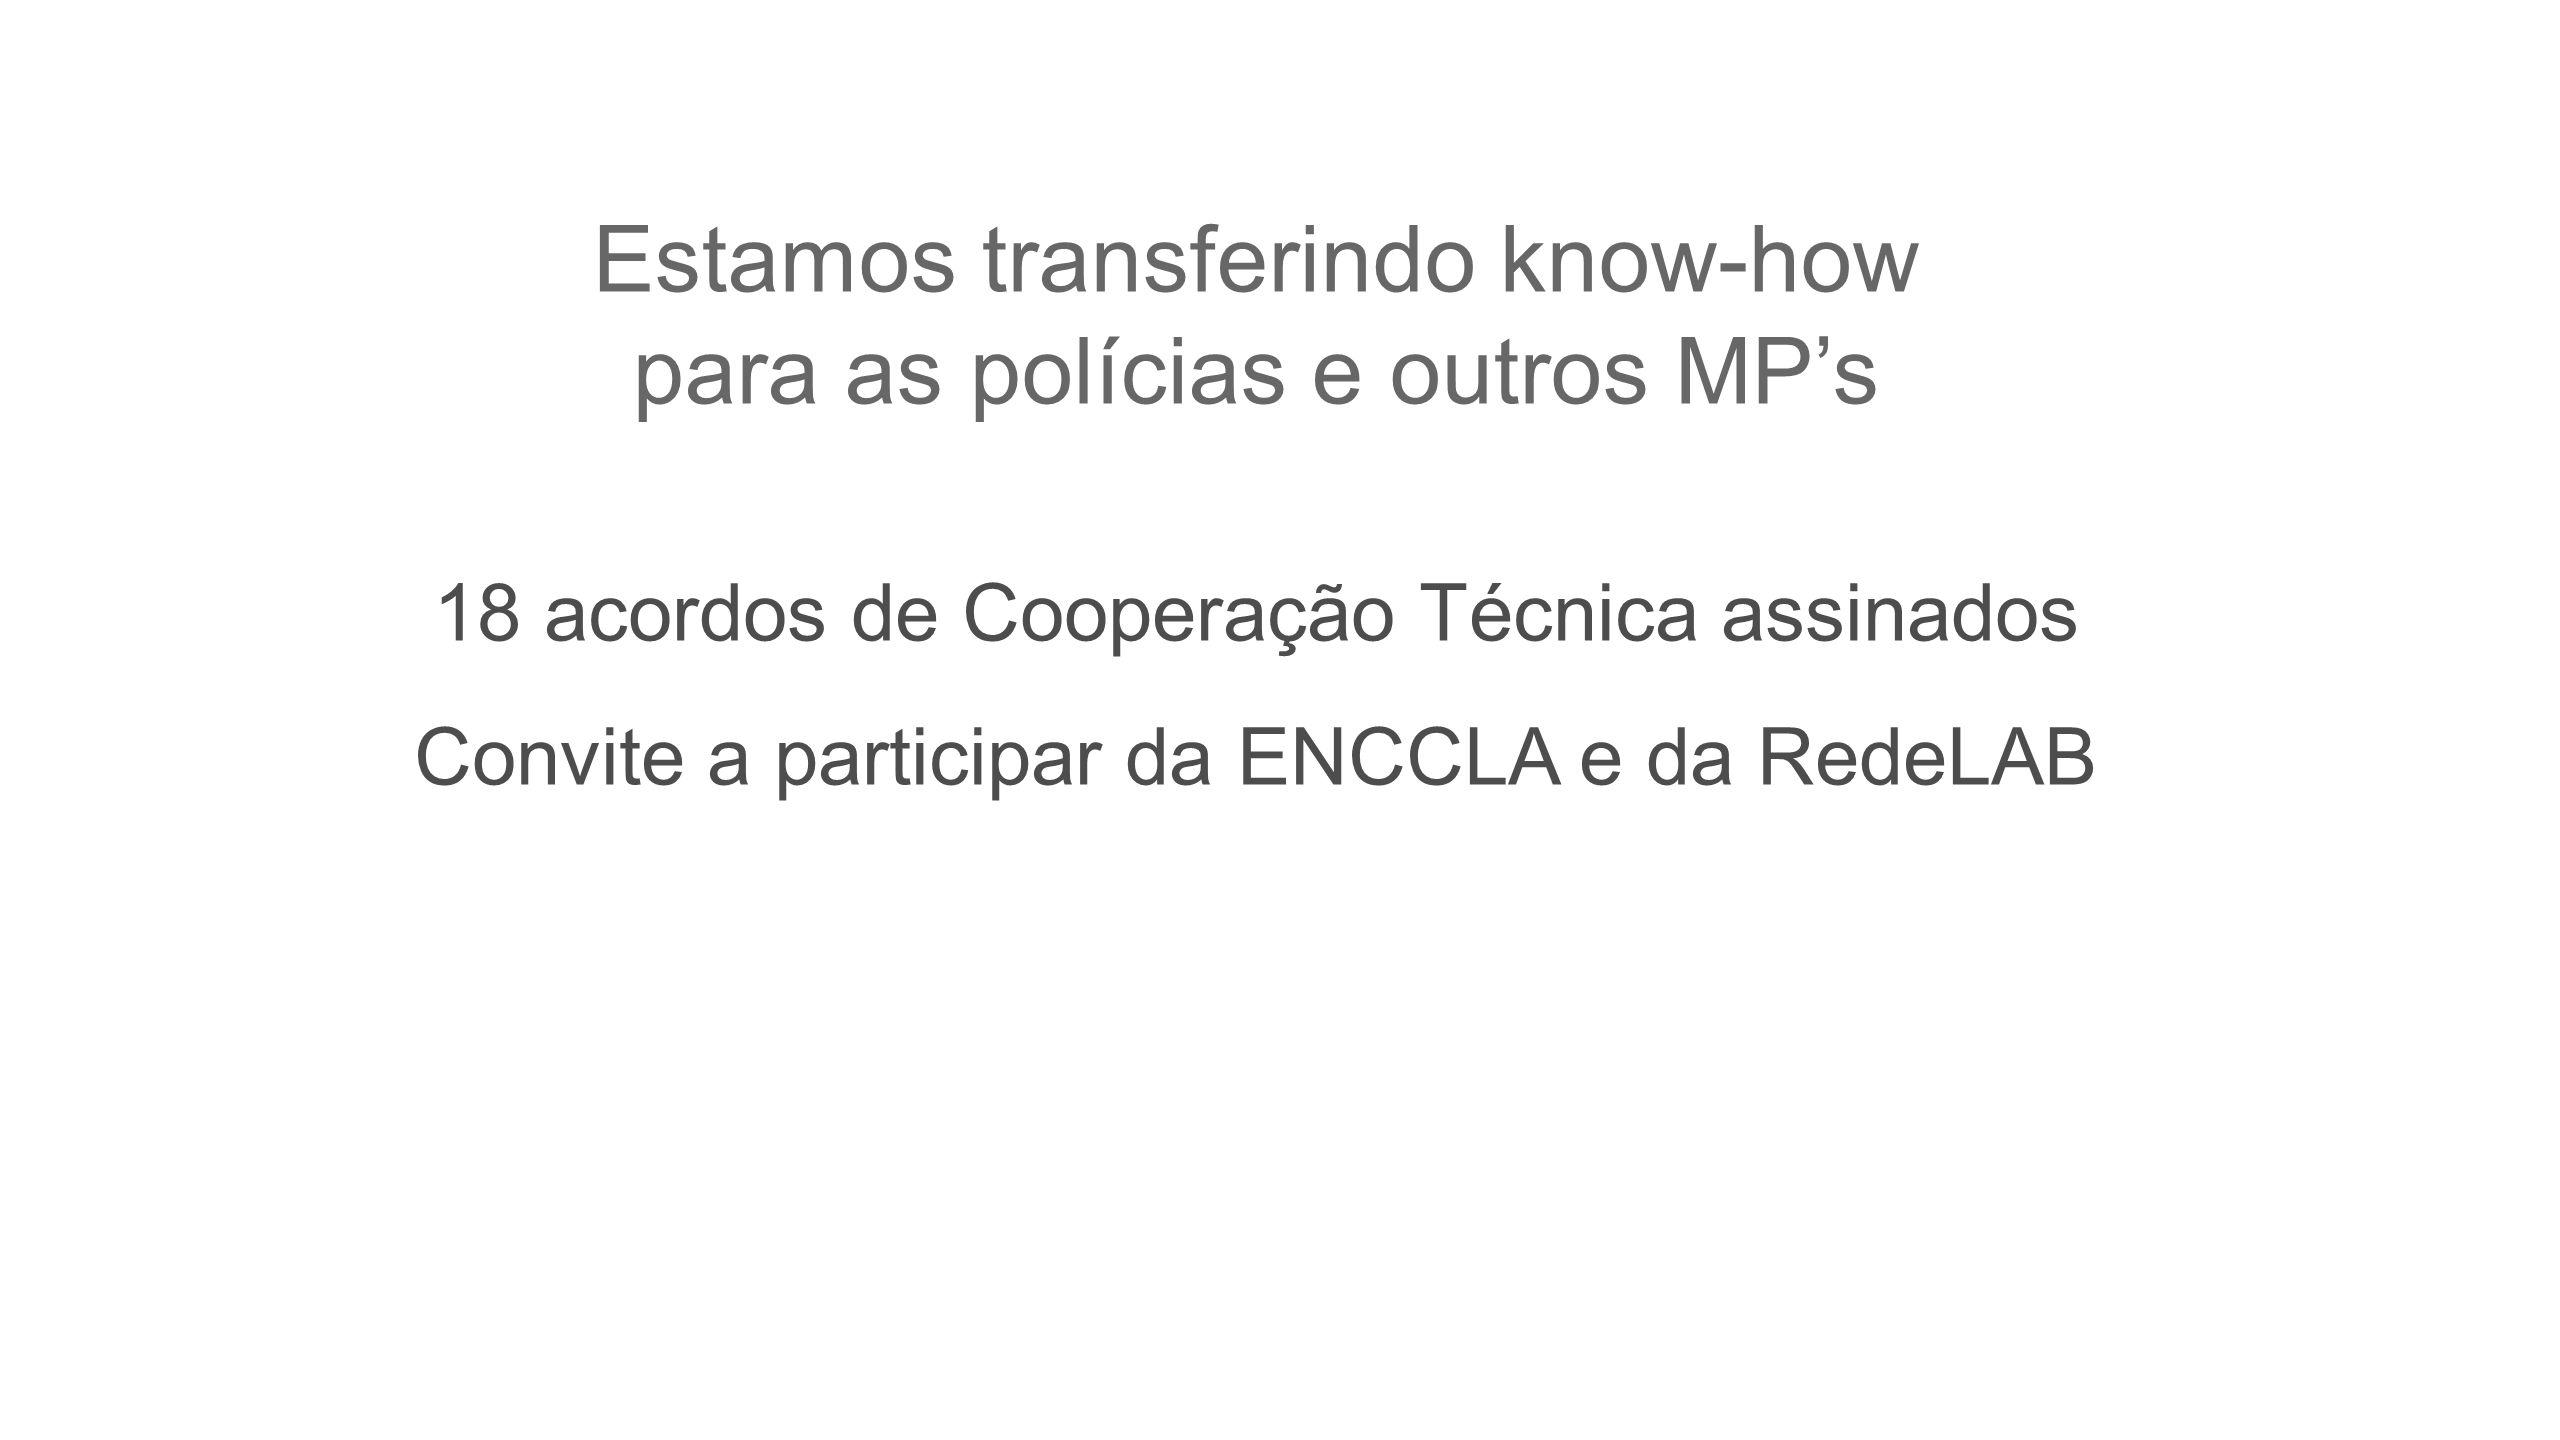 Estamos transferindo know-how para as polícias e outros MPs 18 acordos de Cooperação Técnica assinados Convite a participar da ENCCLA e da RedeLAB